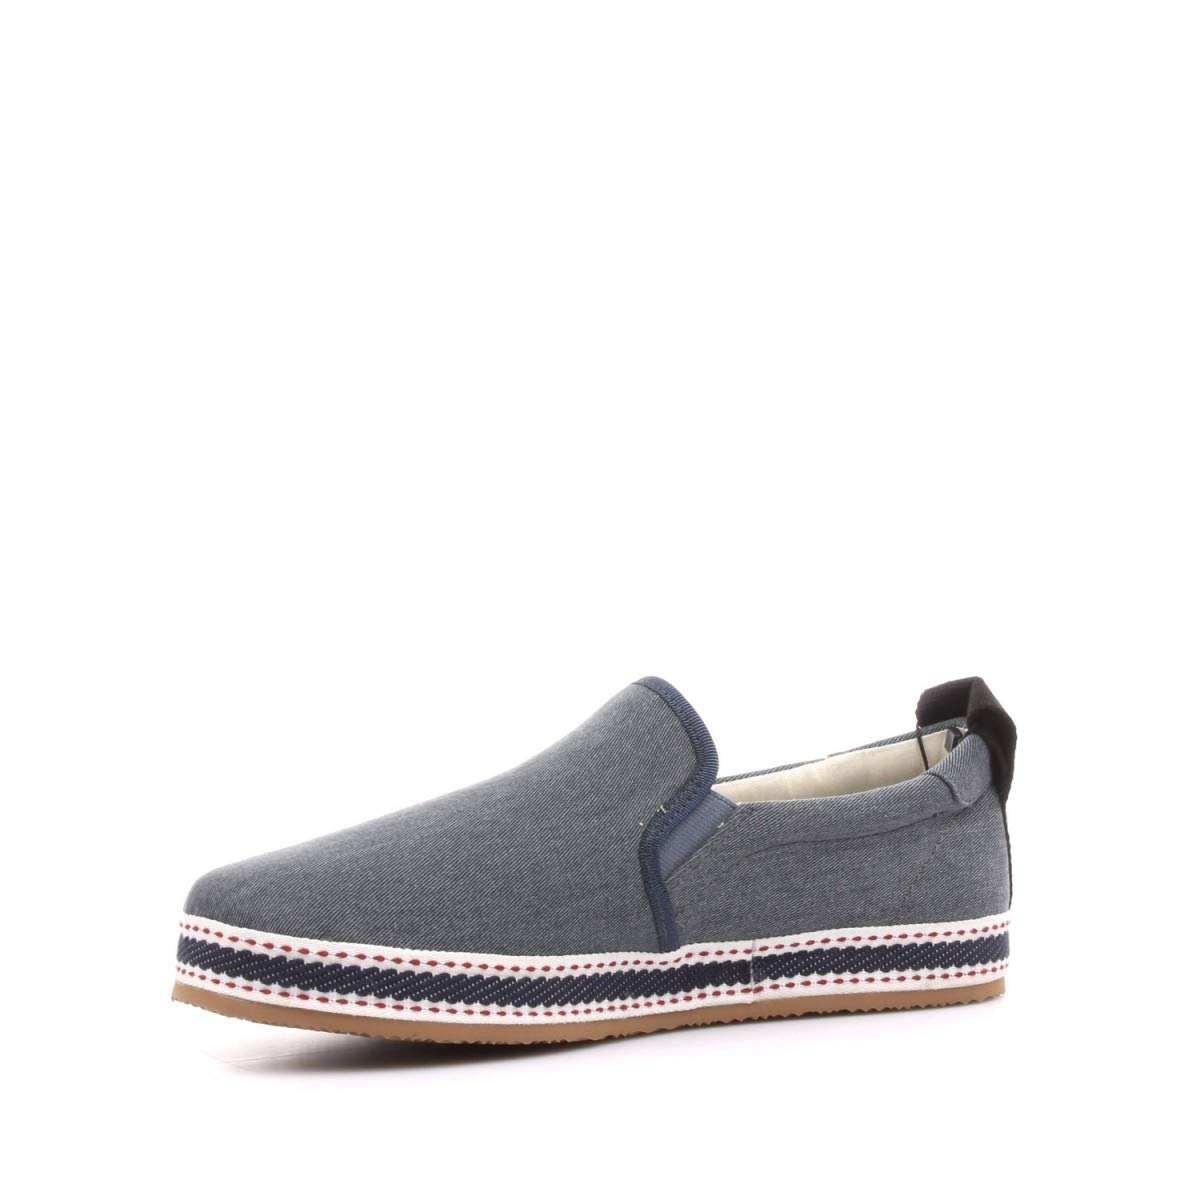 Tommy hilfiger EM0EM00097 Zapatos Hombre